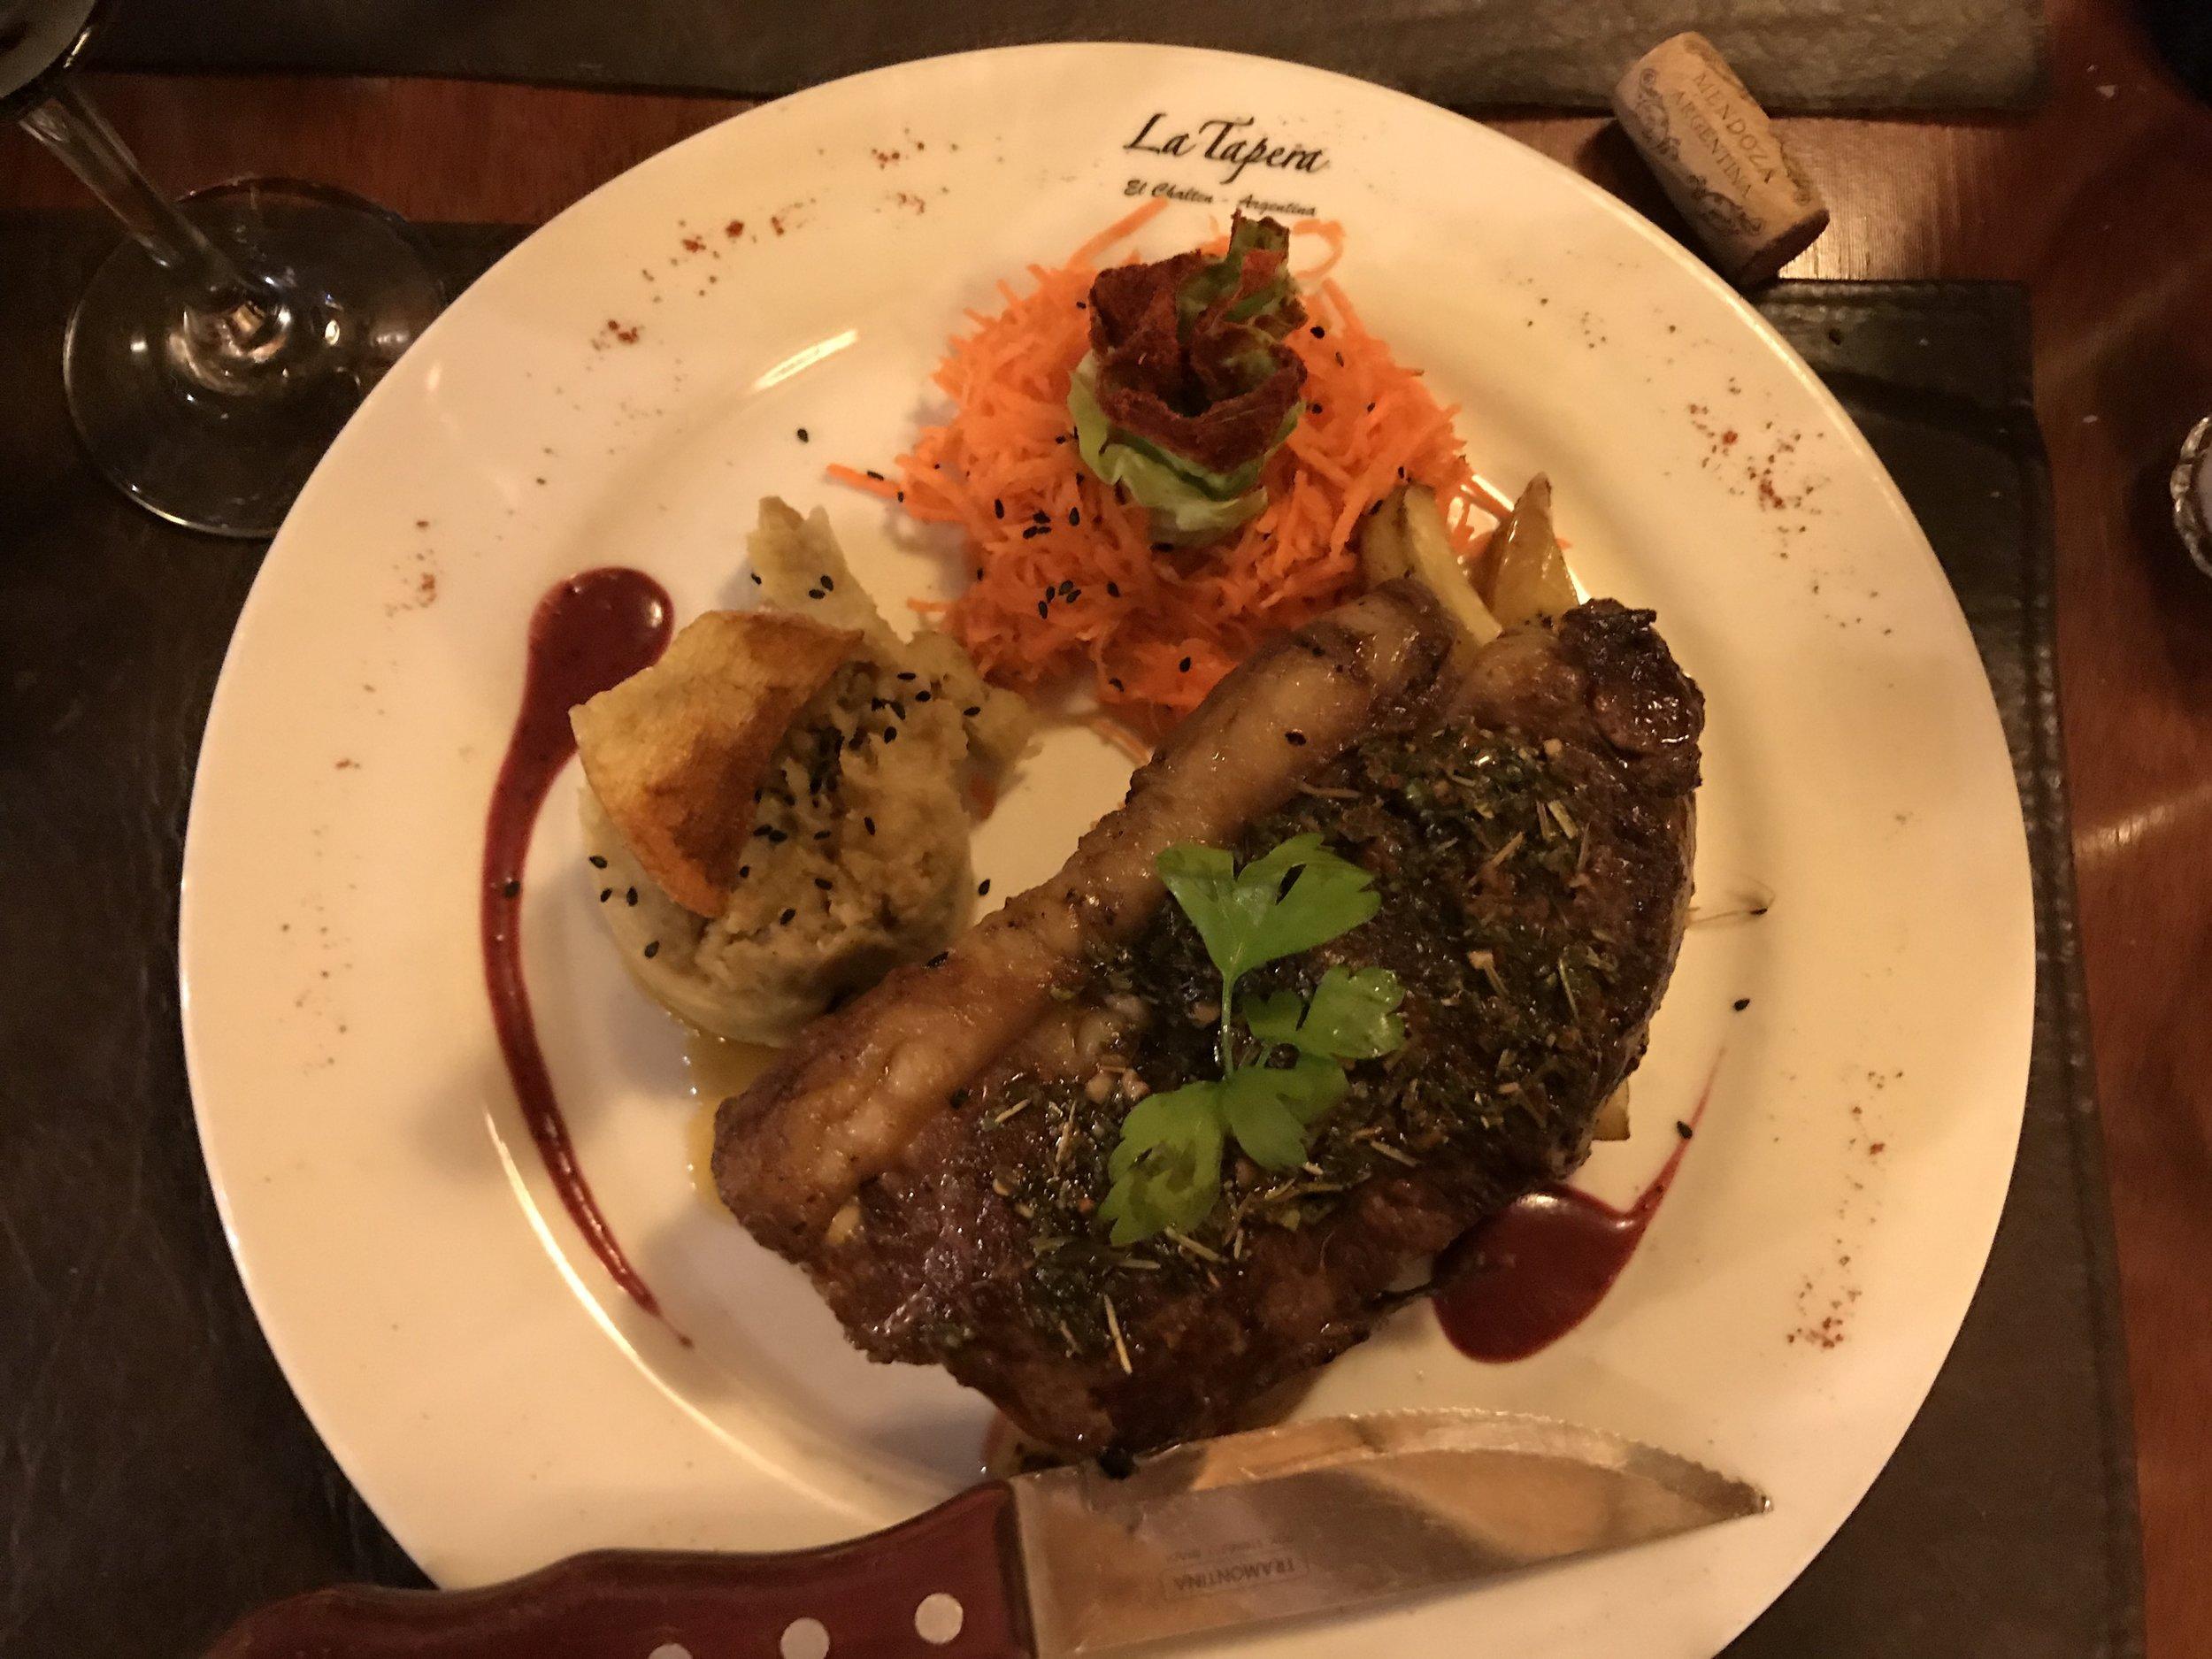 Argentine Steak